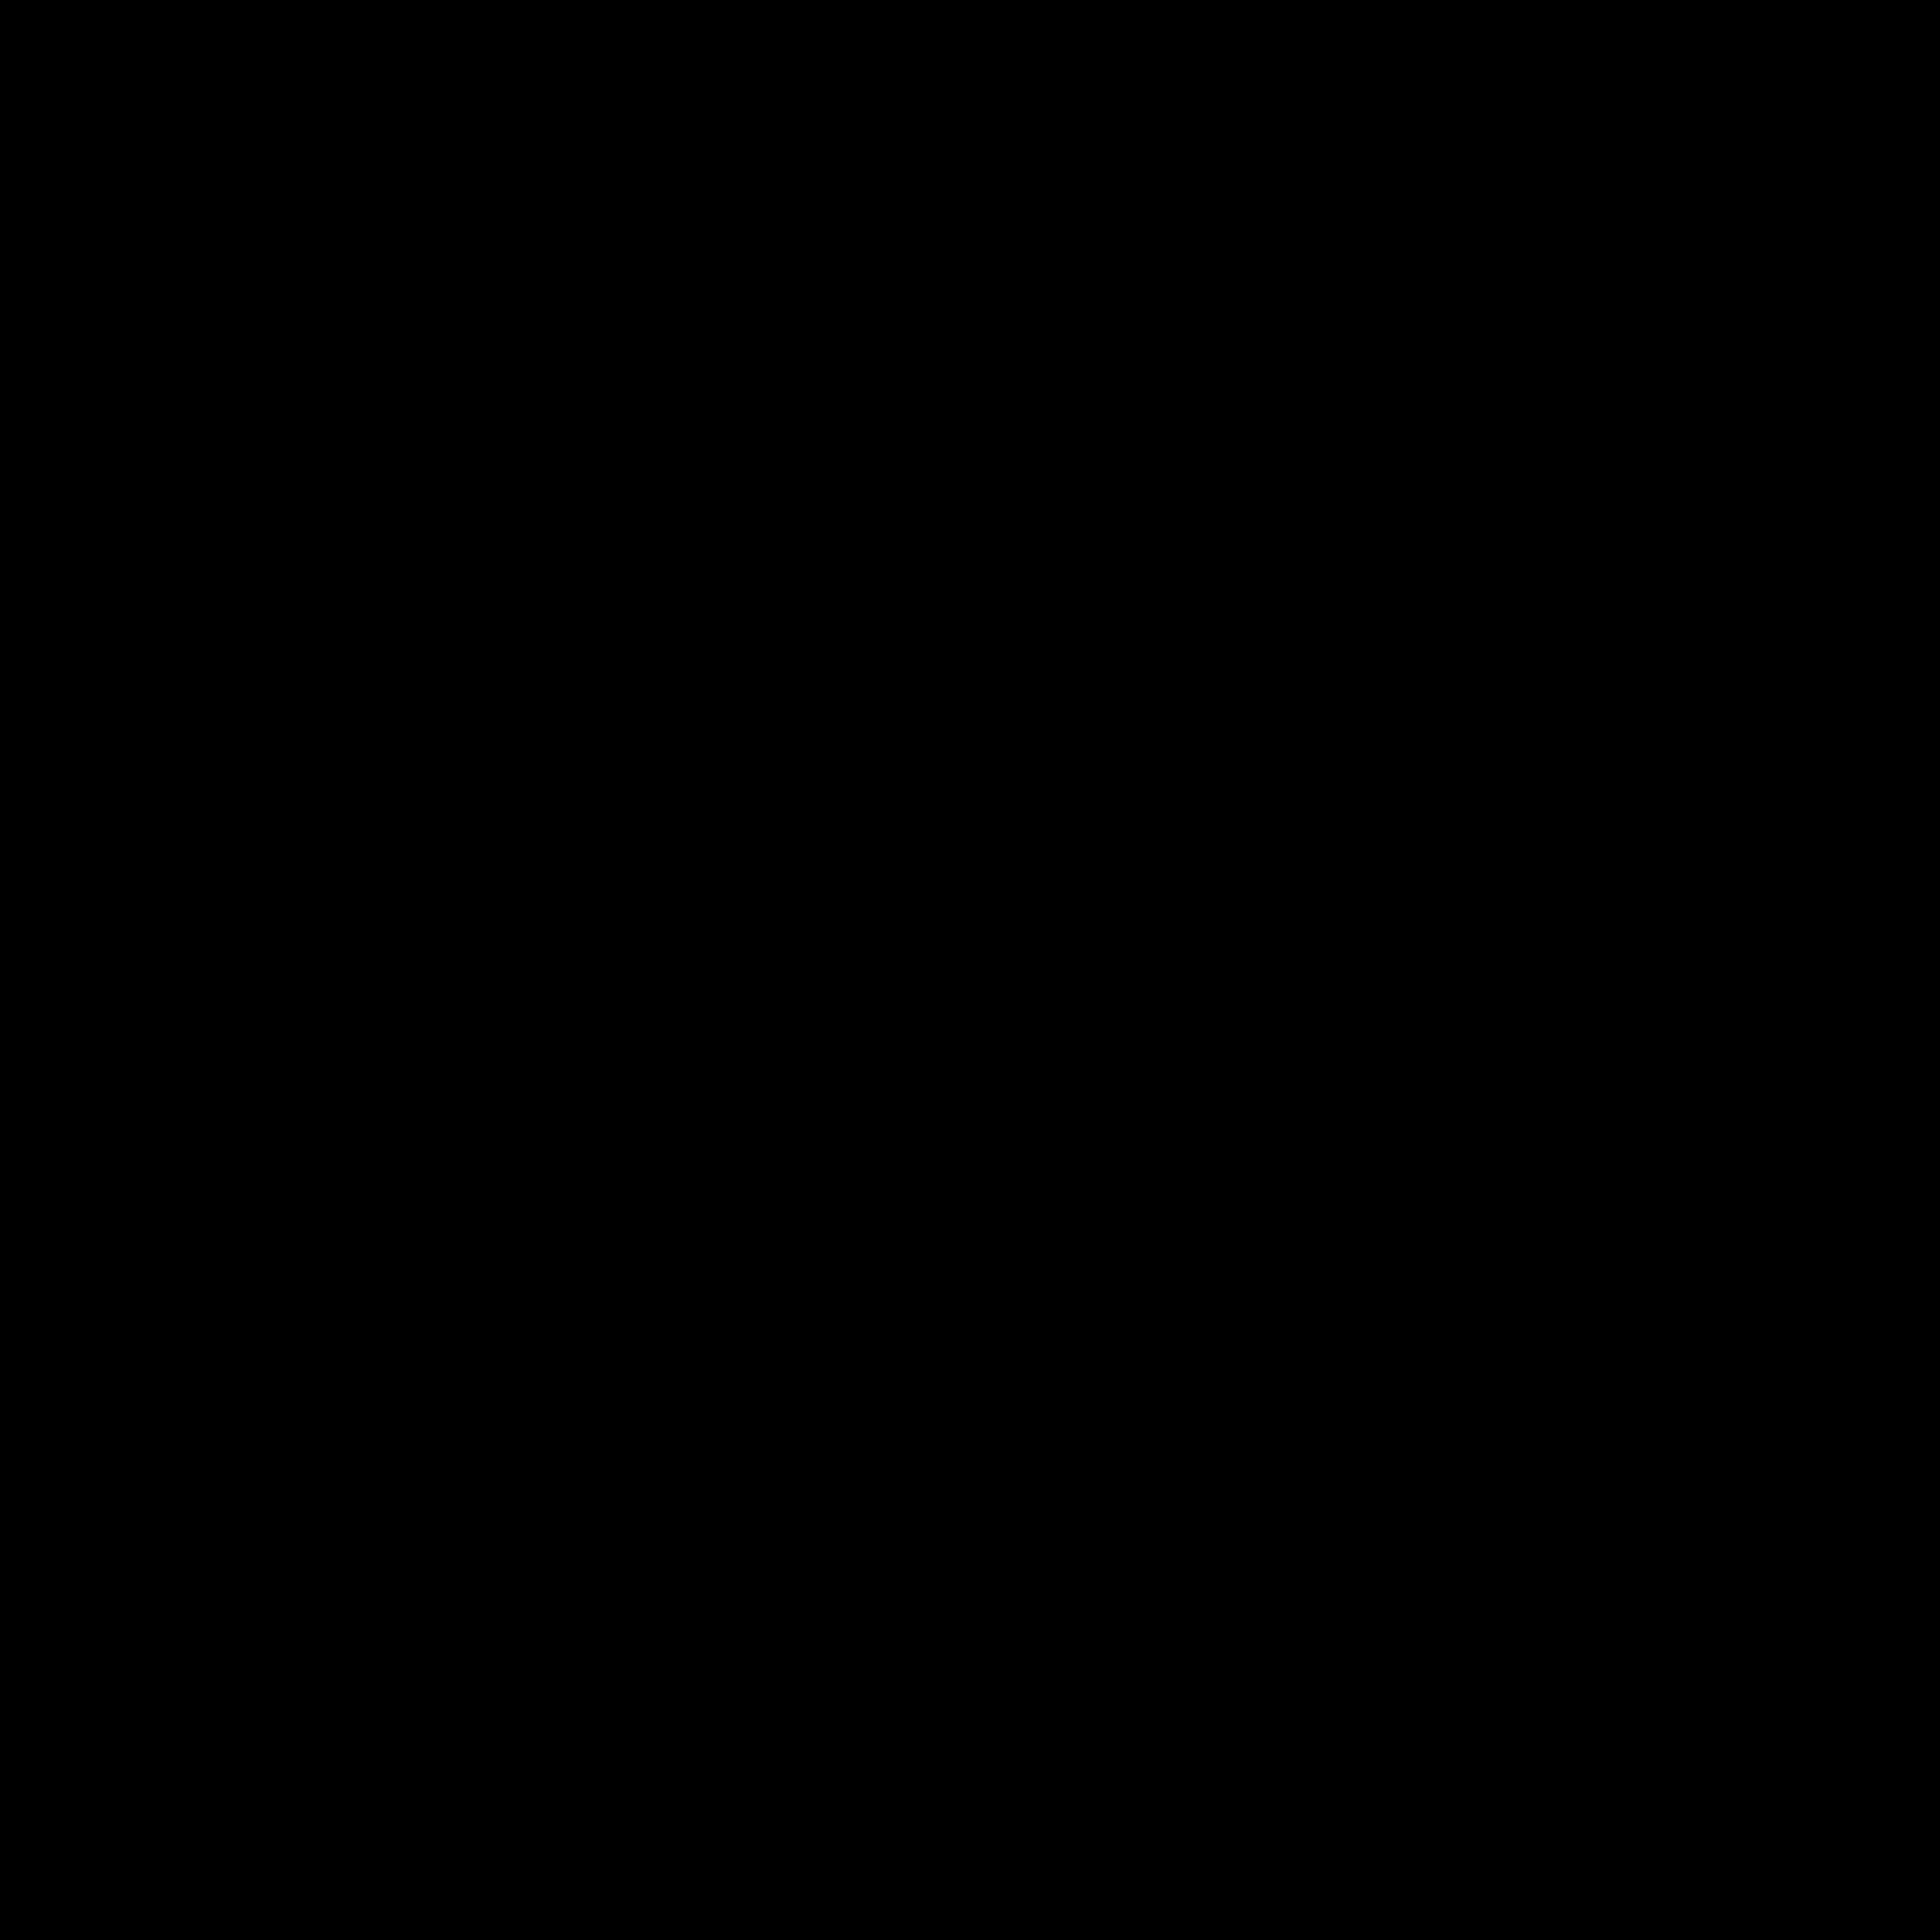 Freytags florist summer arrangement austin tx